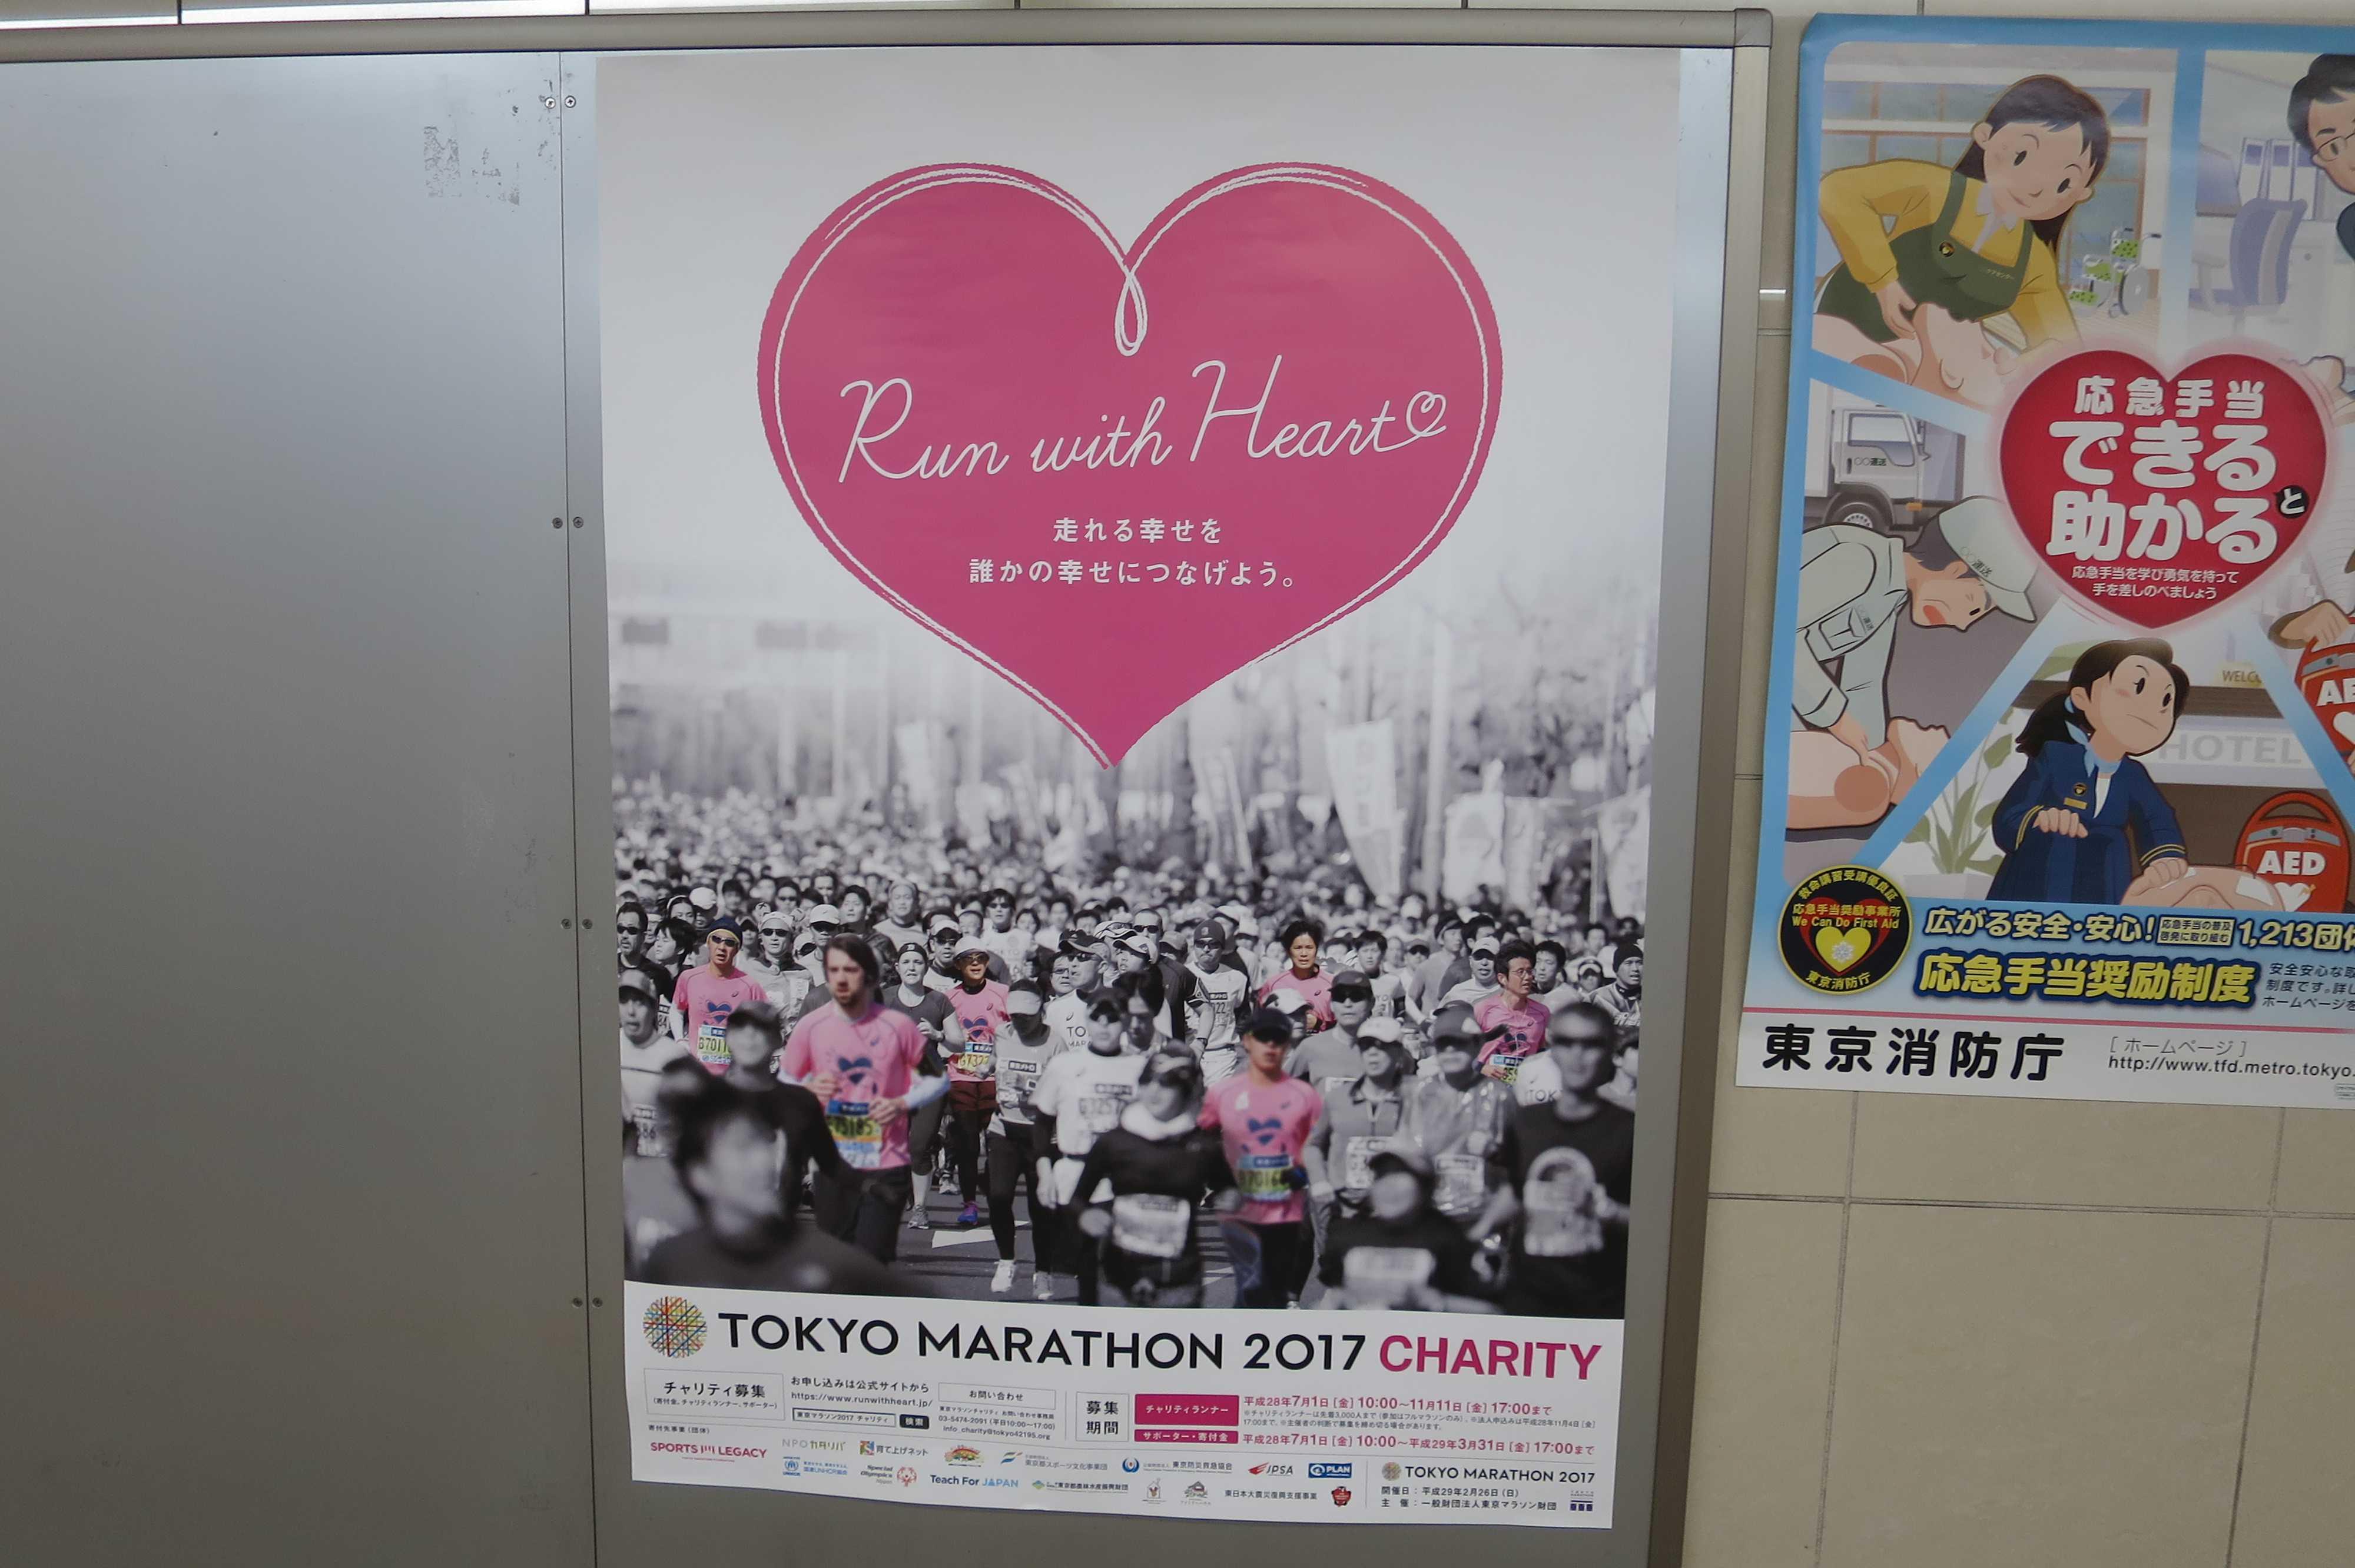 中延駅の東京マラソン2017のポスター